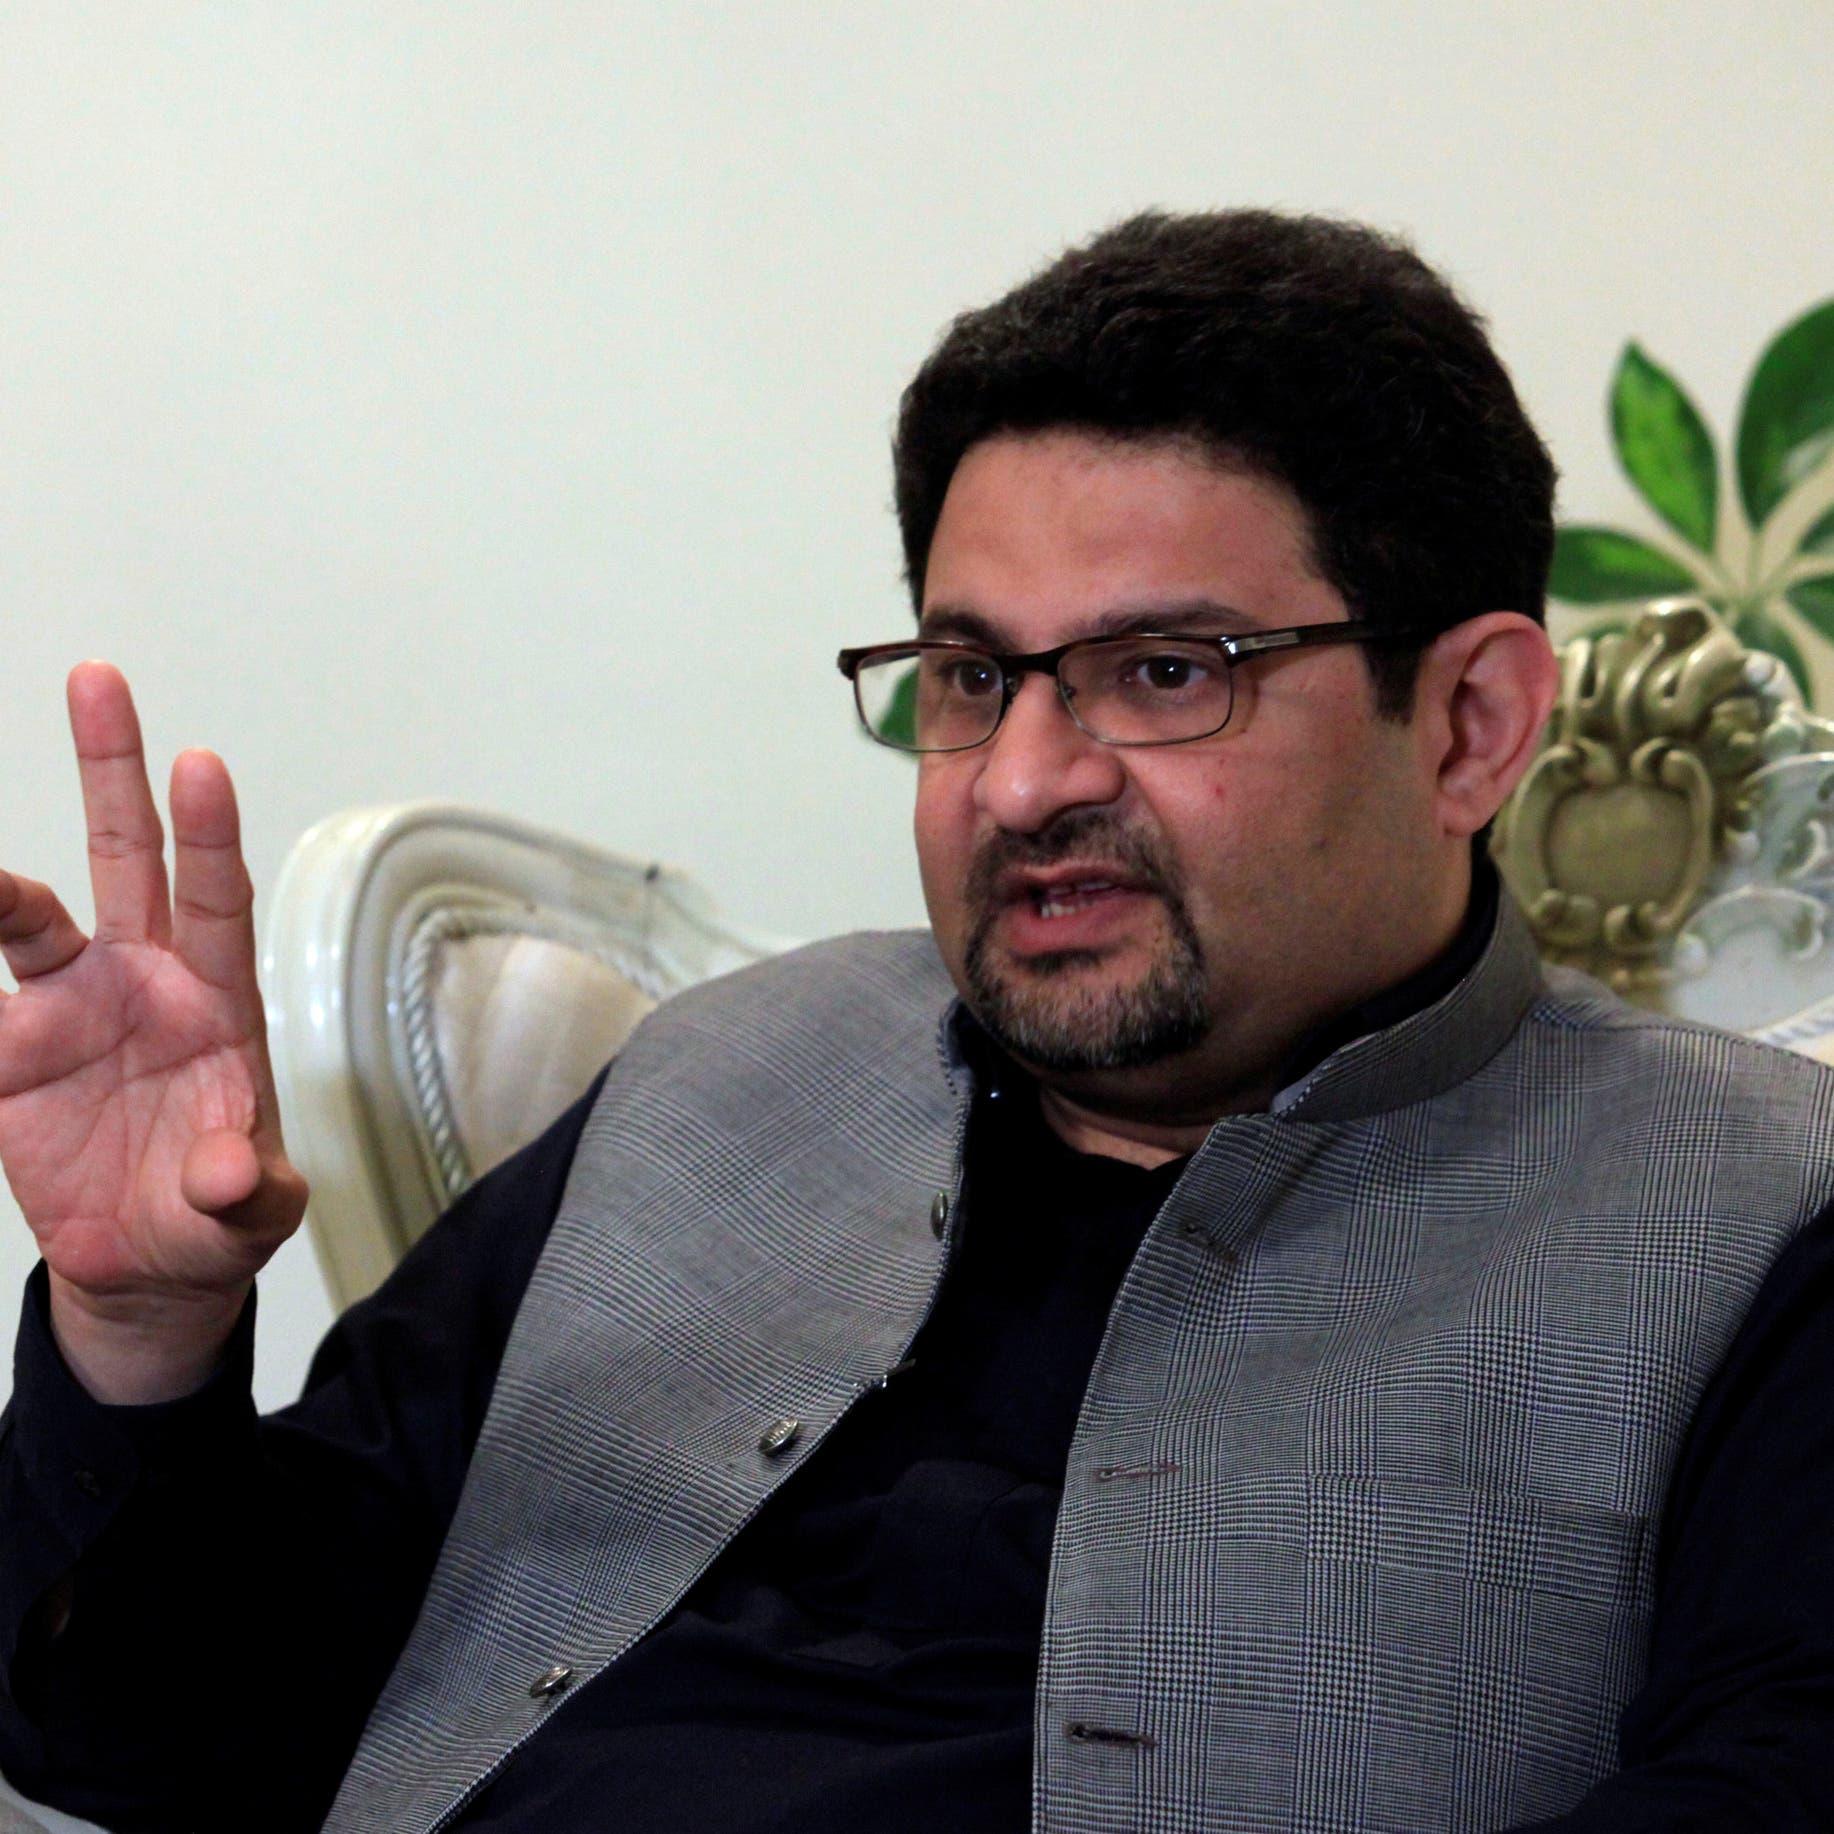 تحقيقات باكستان: وزير مالية لشهر فقط وحصل على رشوة من قطر!